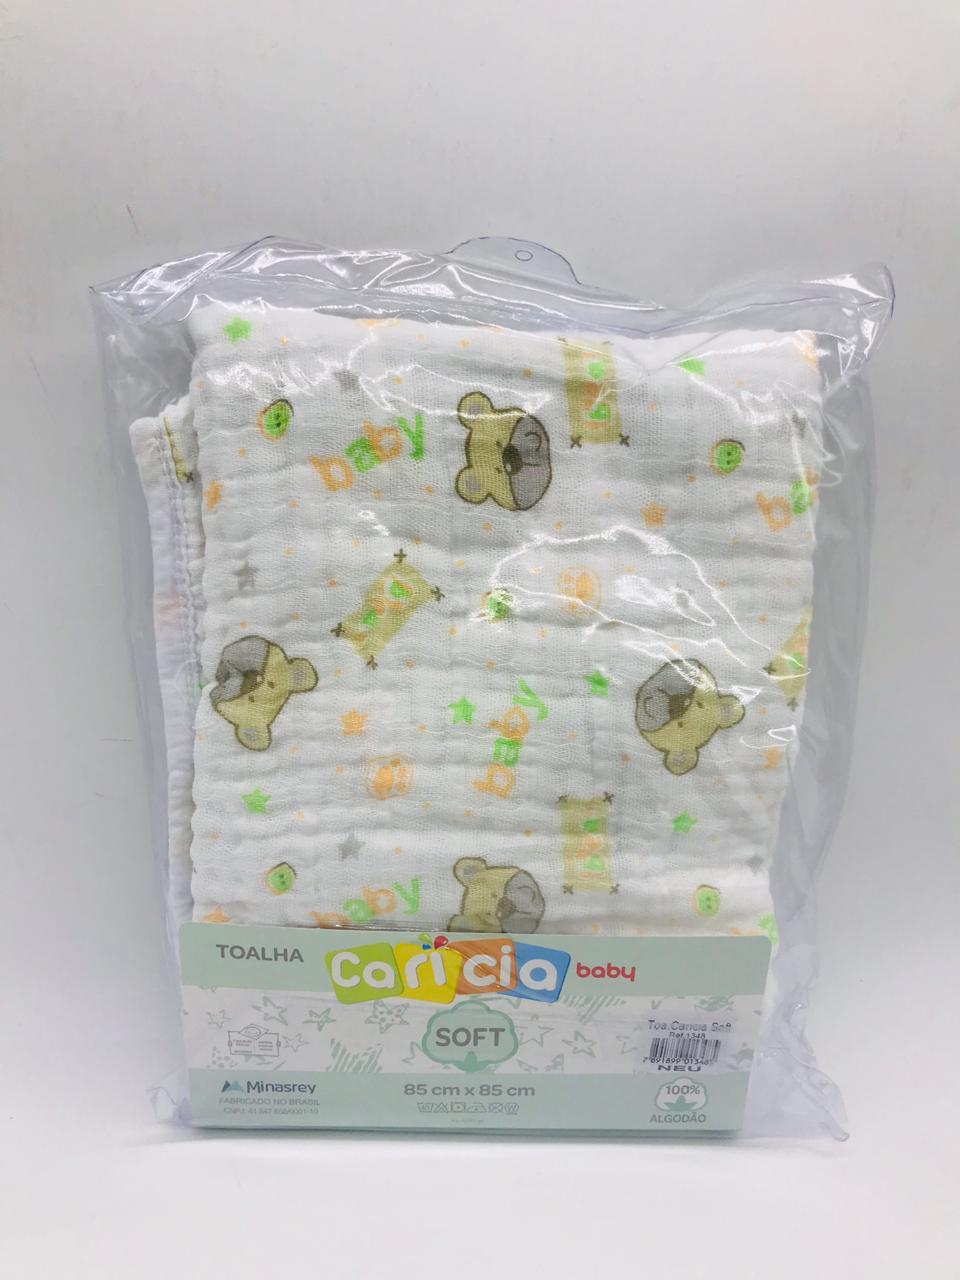 Toalha Soft Caricia Baby Neutro - Minasrey Ref 1348